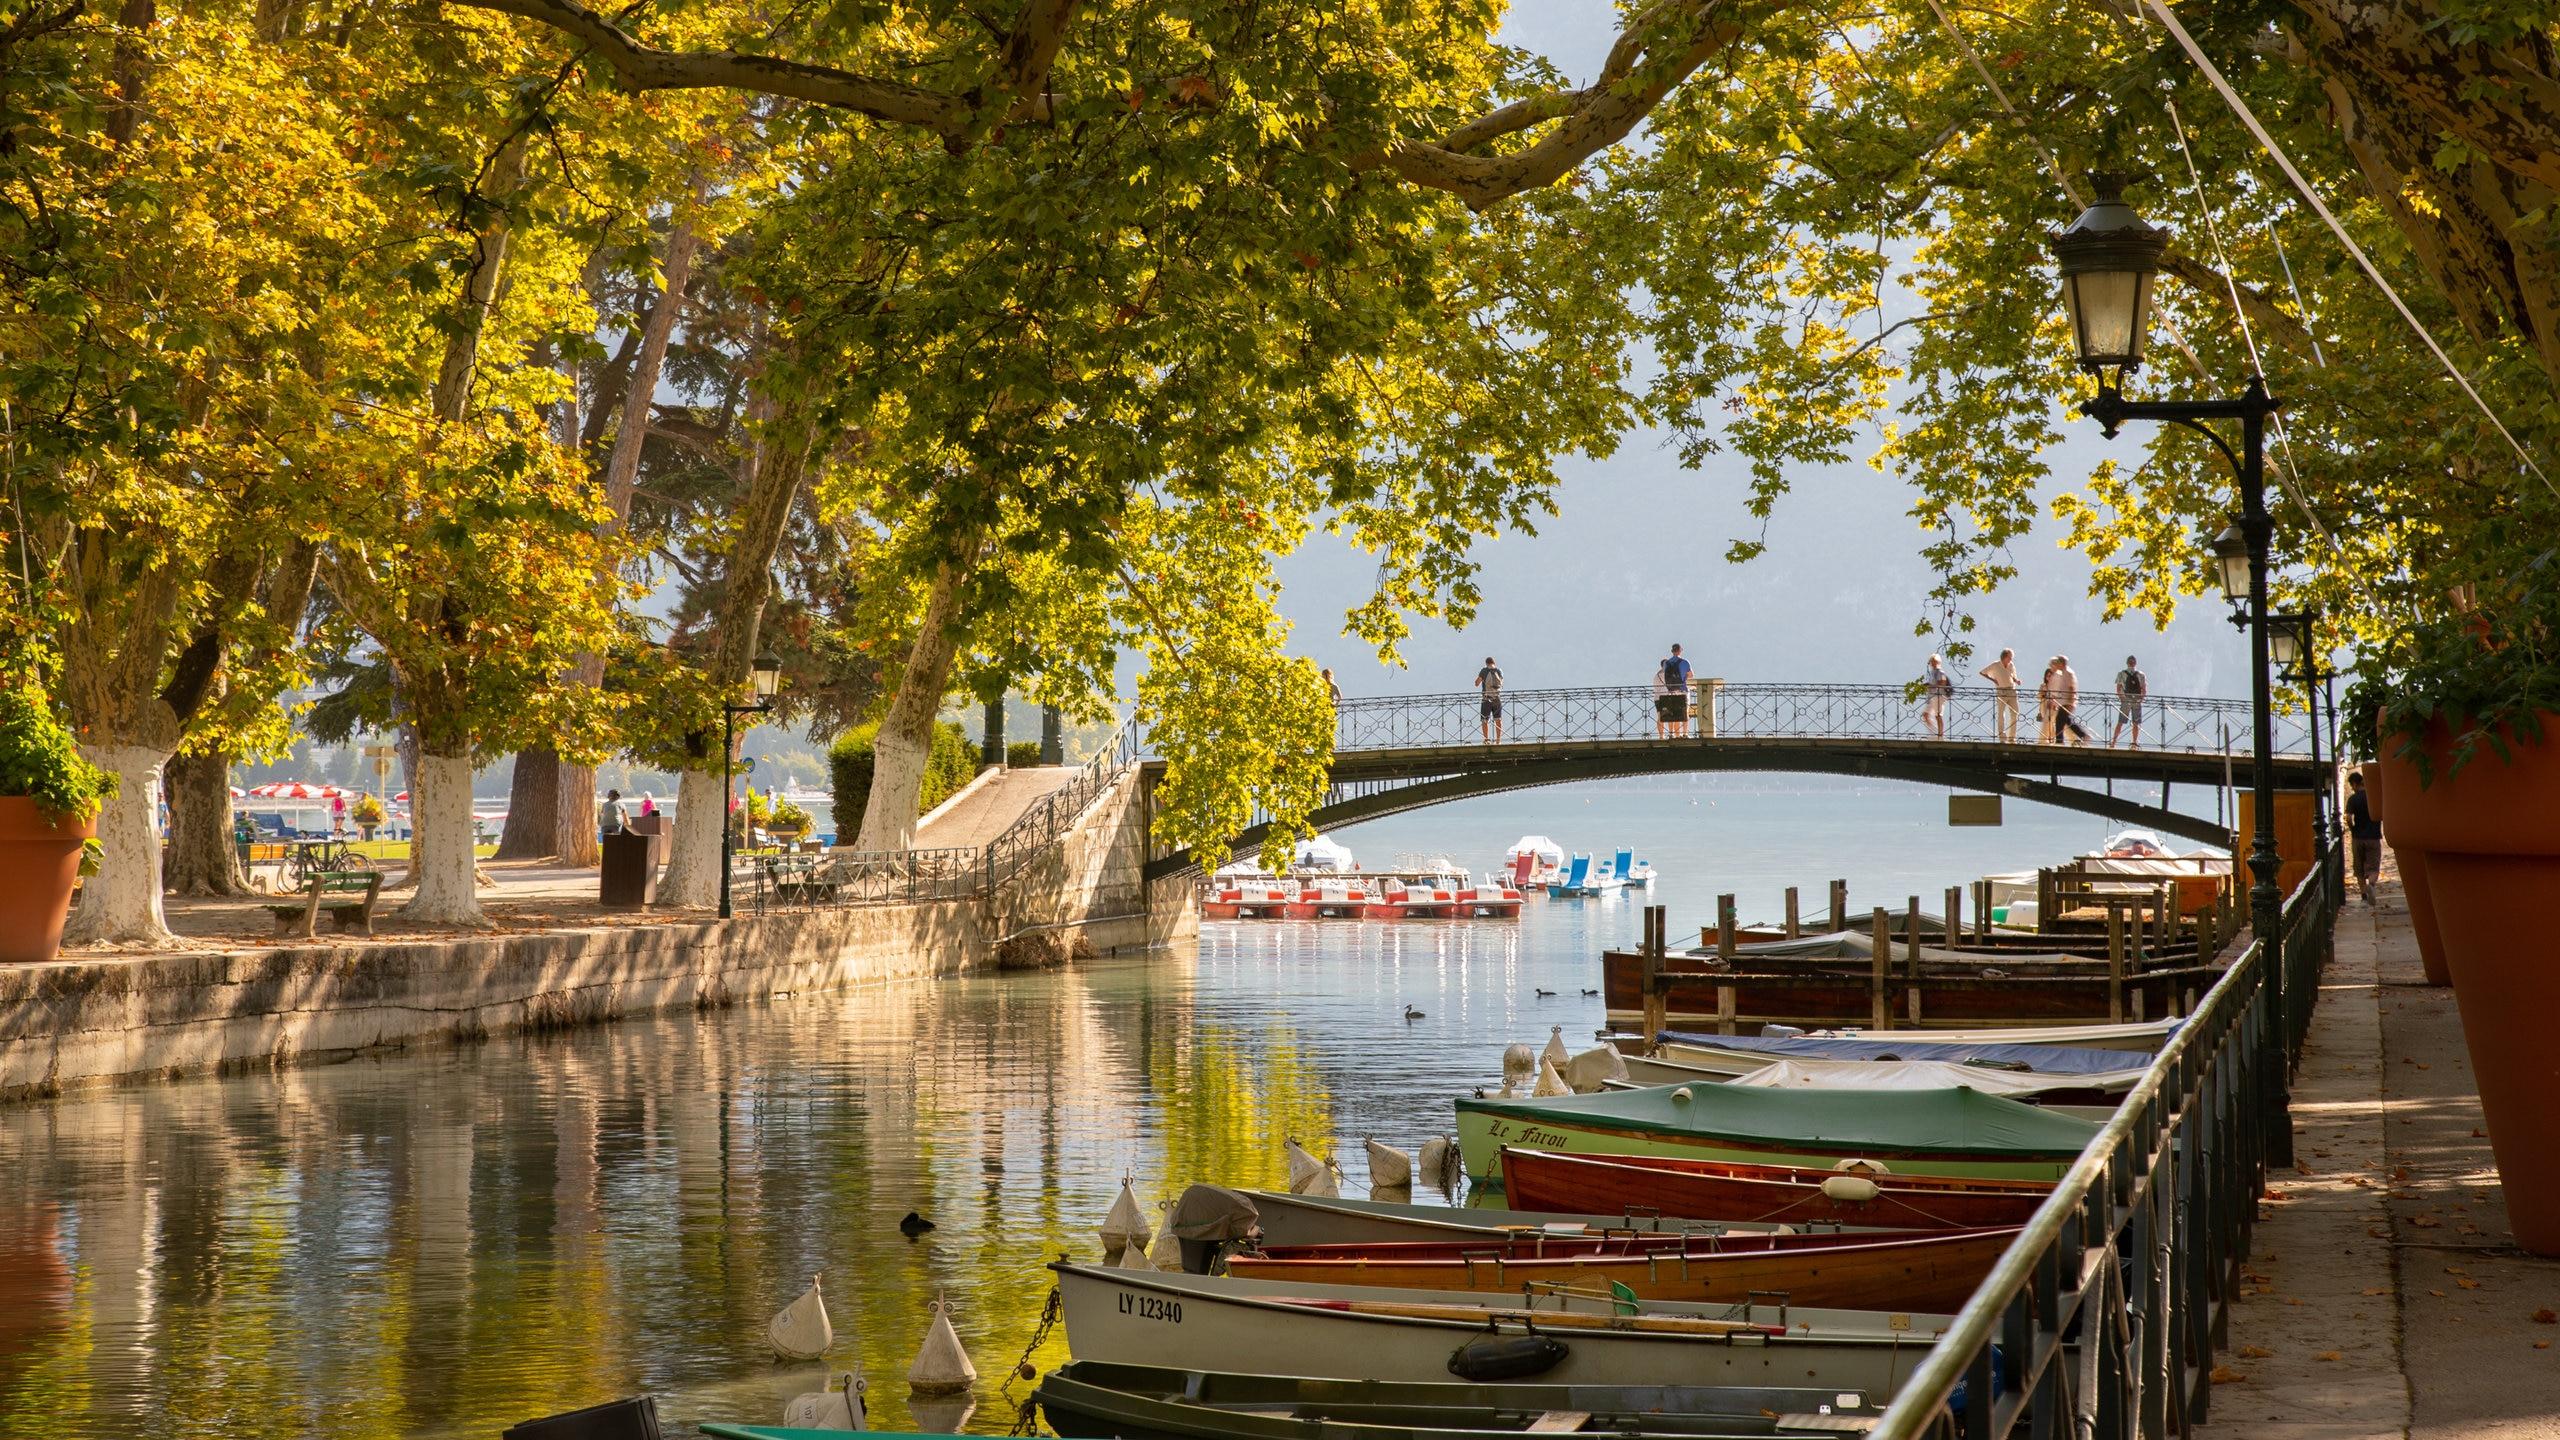 Amours Bridge, Annecy, Haute-Savoie, France